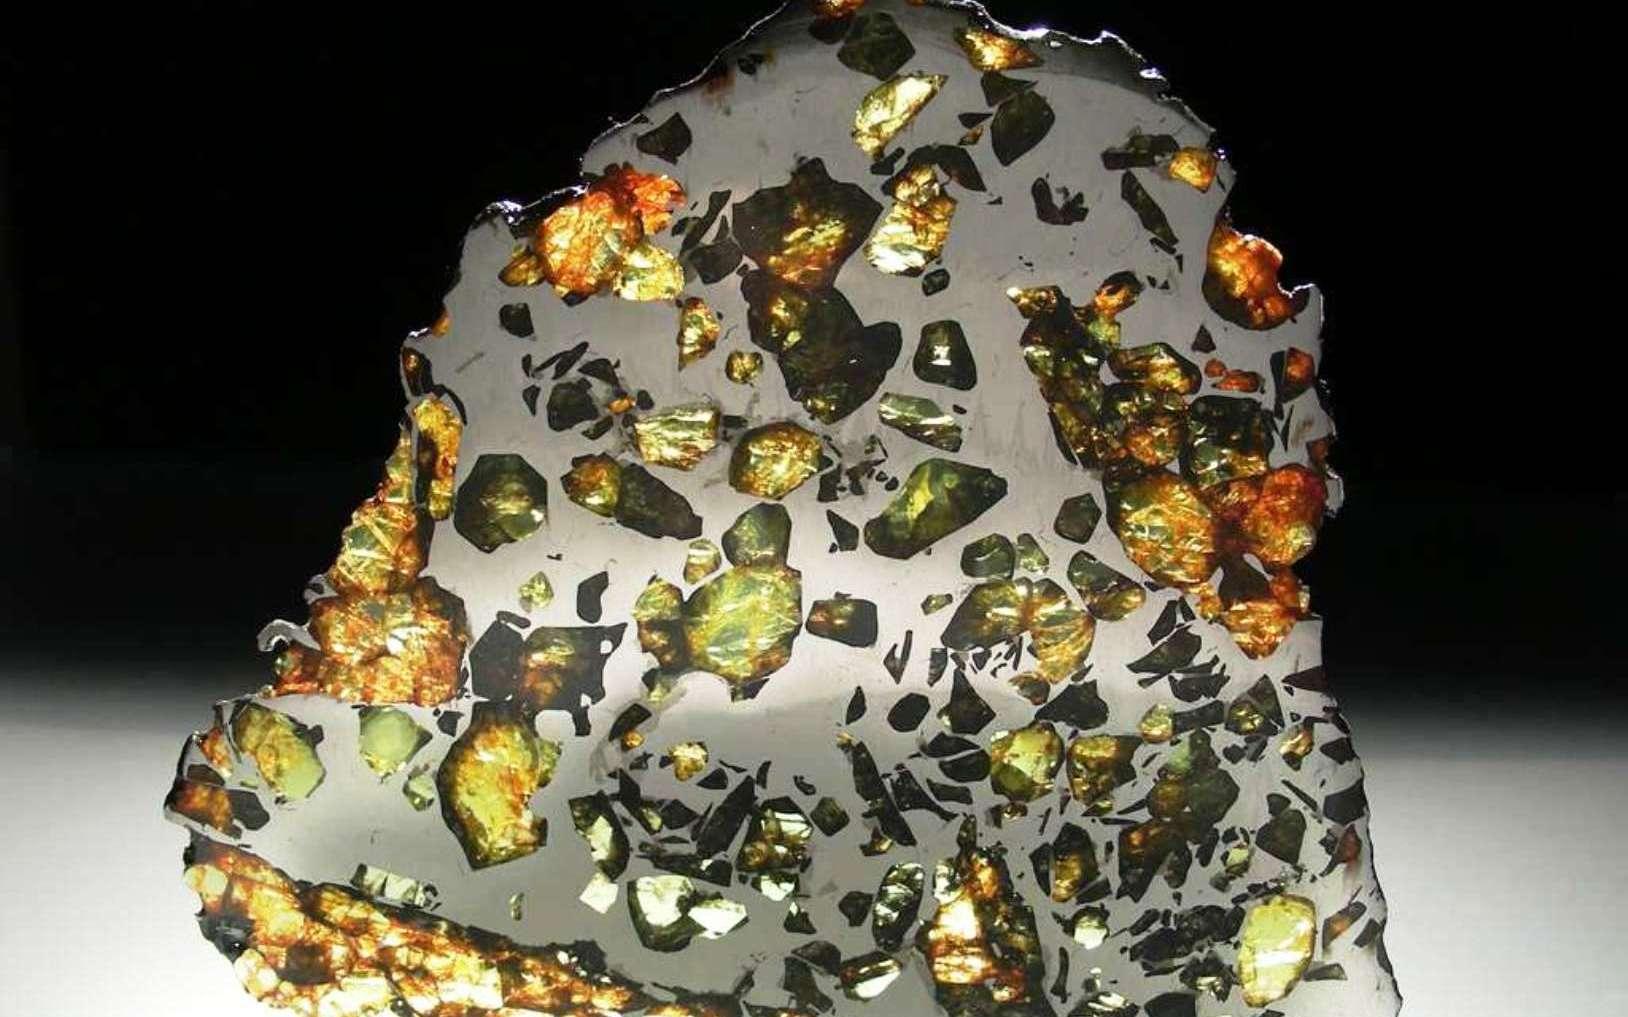 La météorite Esquel est une pallasite trouvée en 1951 dans la province de Chubut en Argentine. Il s'agit de la plus belle des météorites constituée d'une trame de fer et de nickel dans laquelle se détachent des grains d'olivine. © L. Carion, carionmineraux.com